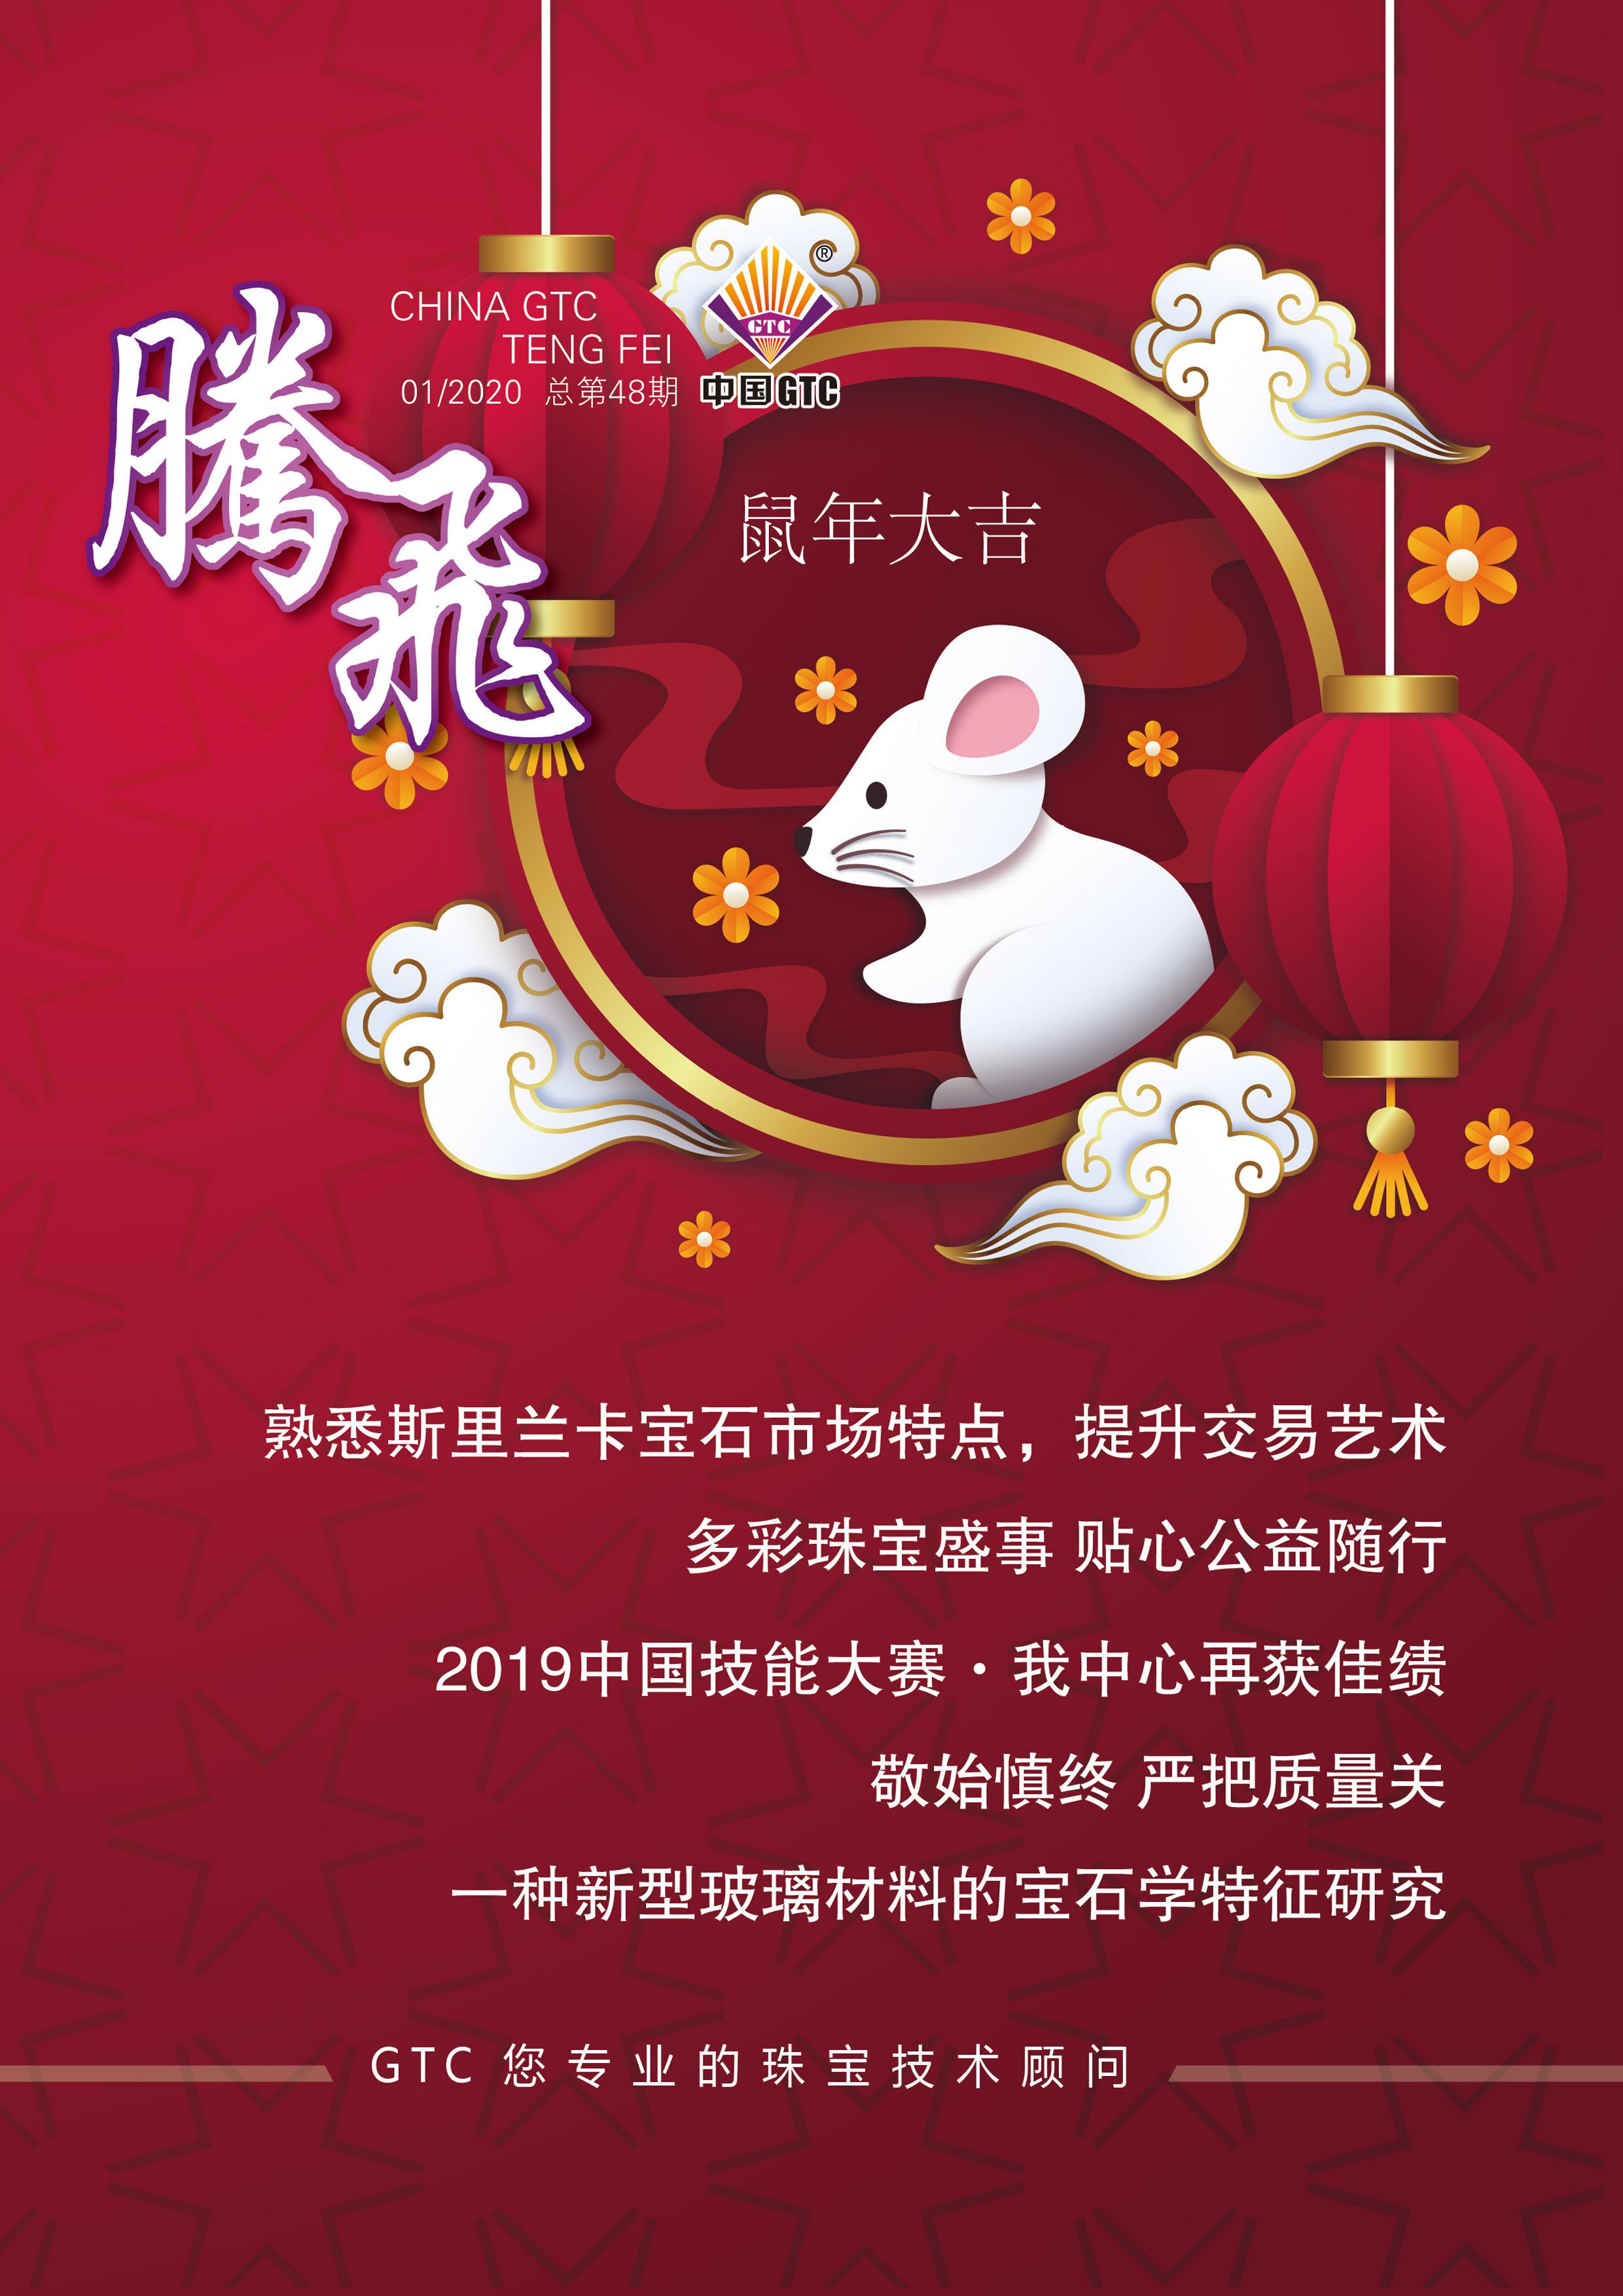 中国GTC《腾飞》内刊第48期